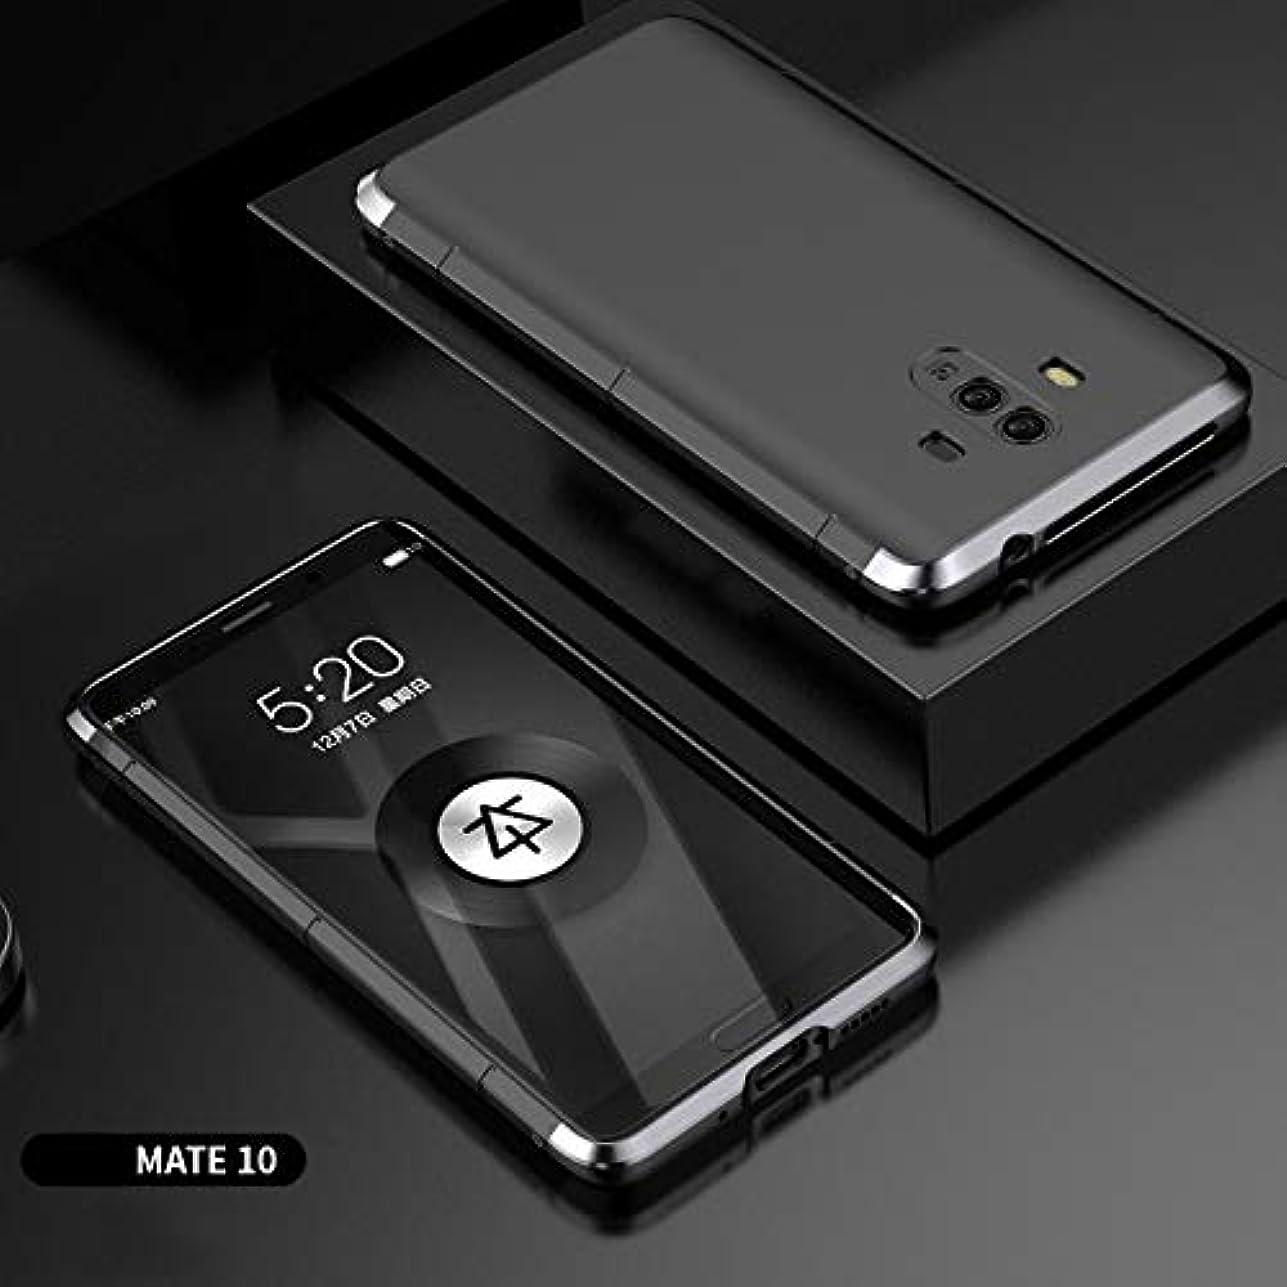 達成ハンドブック広告Jicorzo - Huawei社メイト10 Coqueのために華為メイト10電話ケース耐衝撃バンパーフレームシェルのためにファッションメタル+ PC電話裏表紙